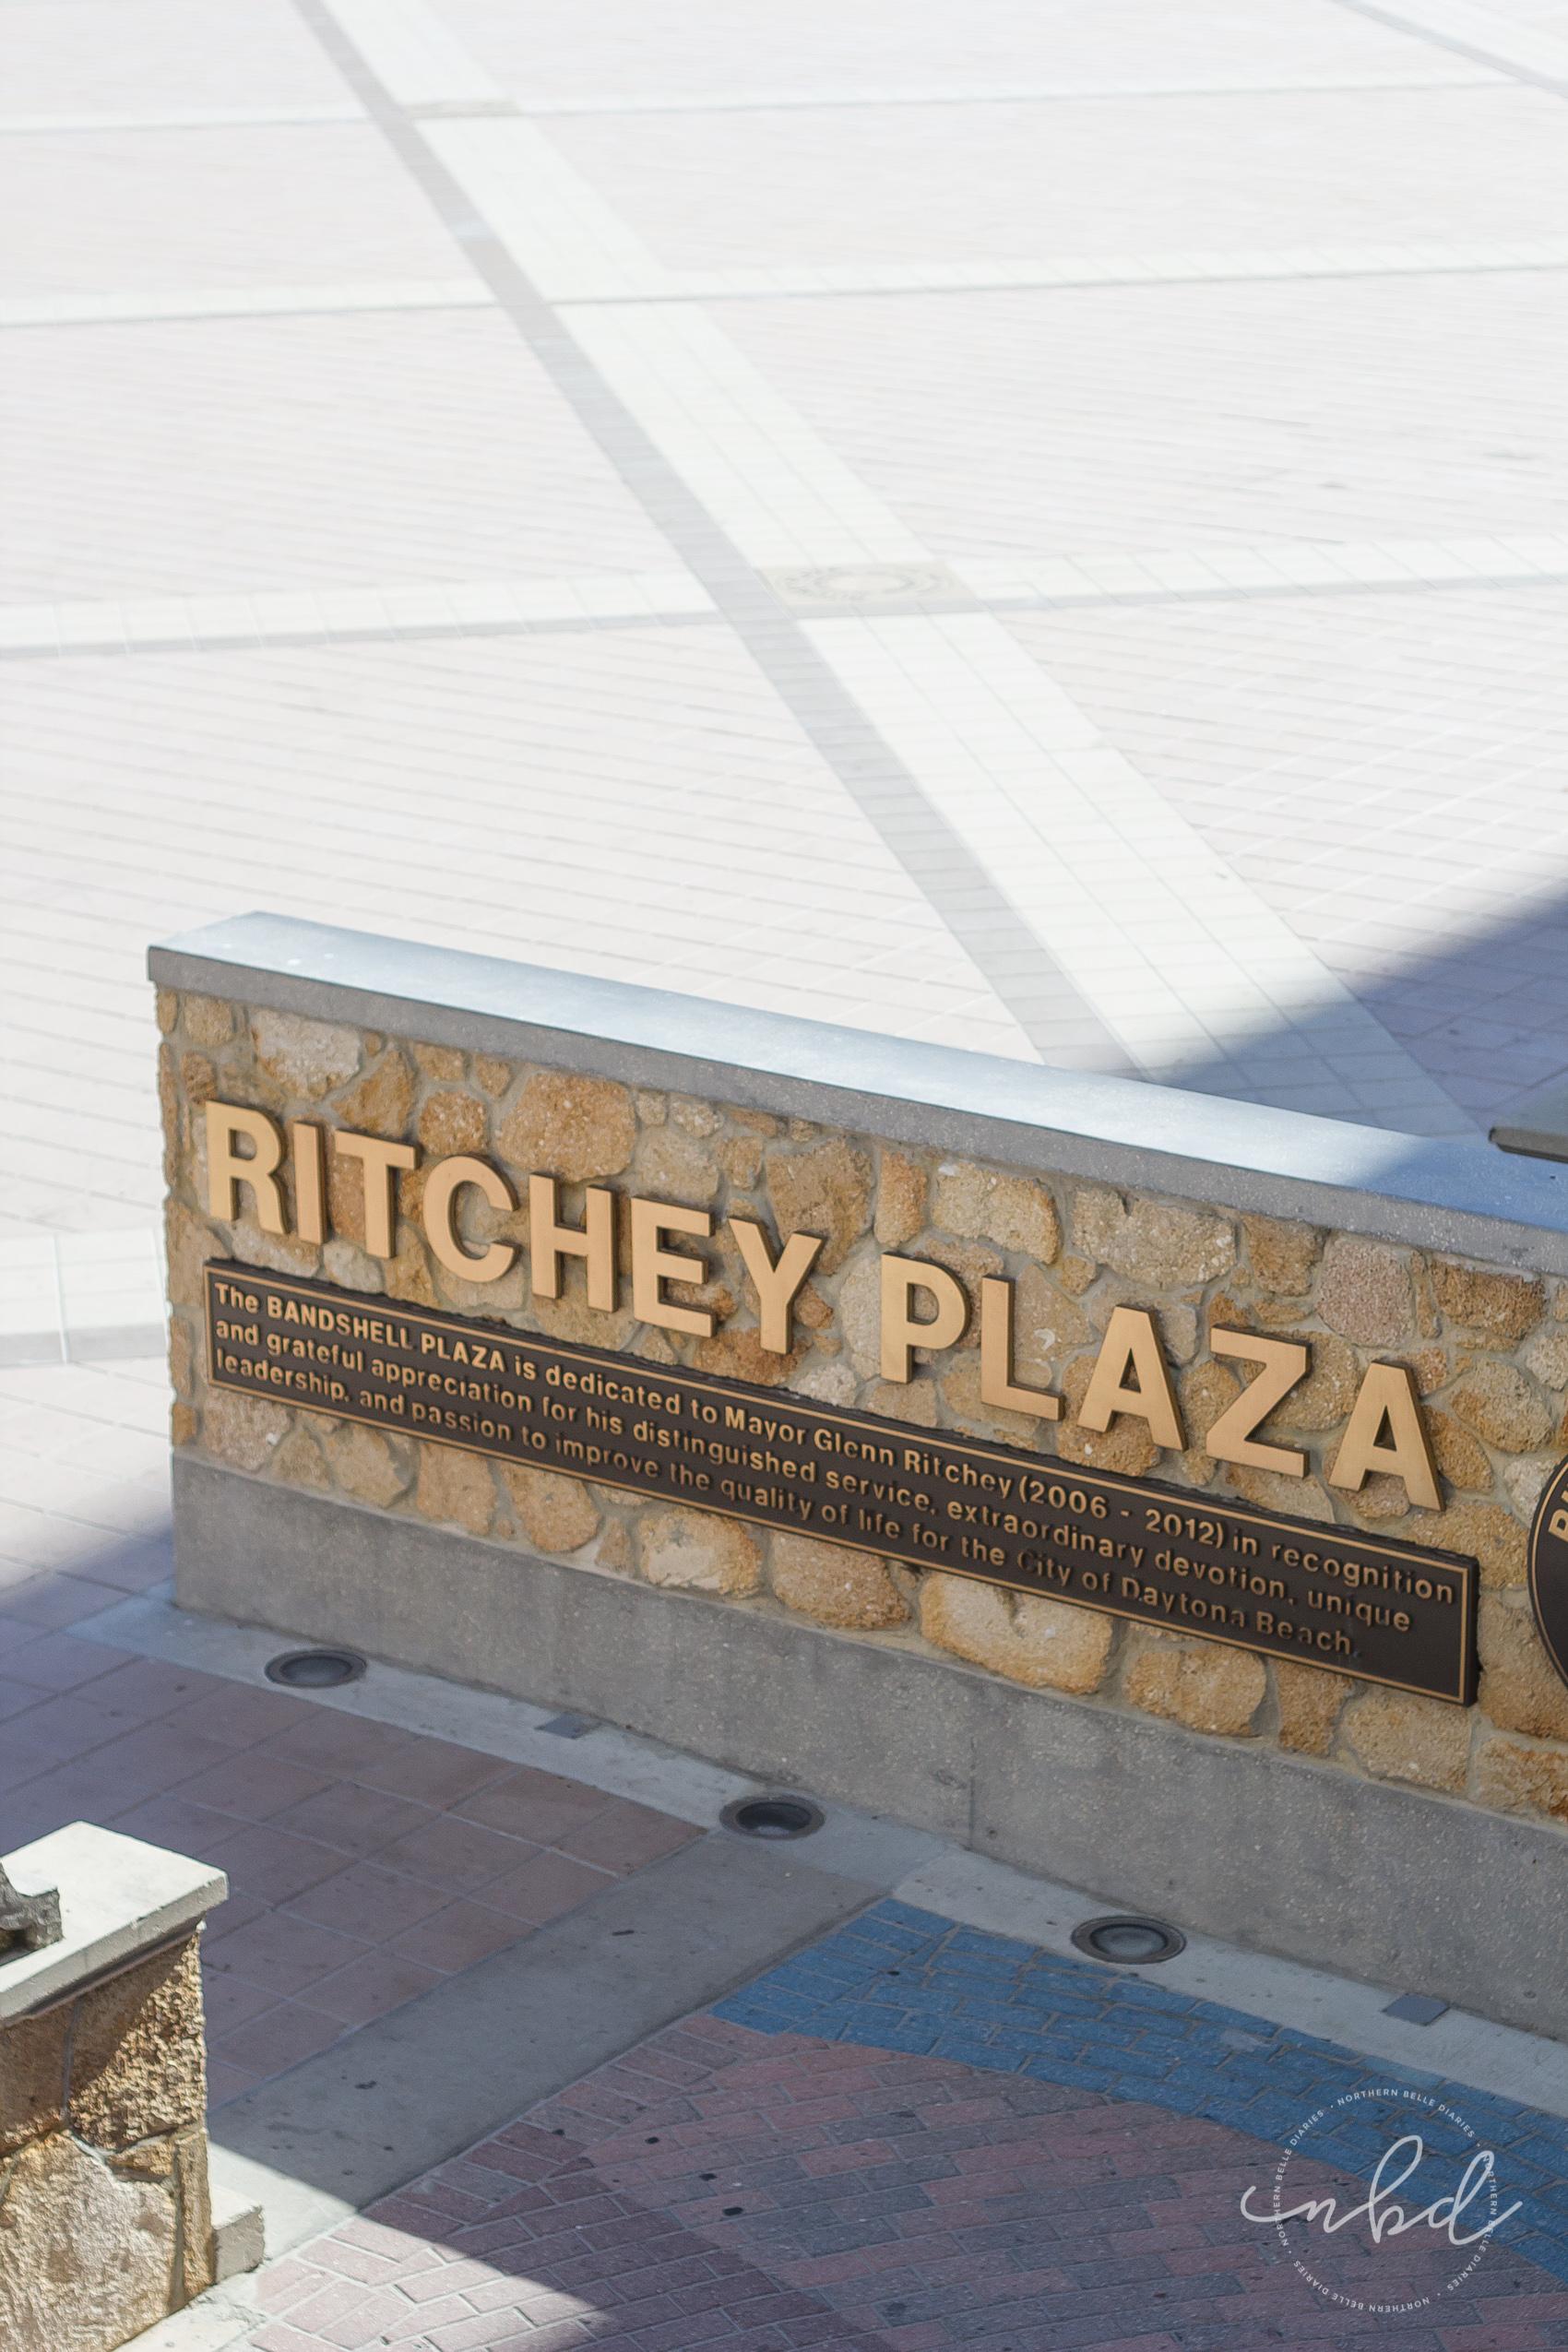 Bandshell Plaza - Daytona Beach